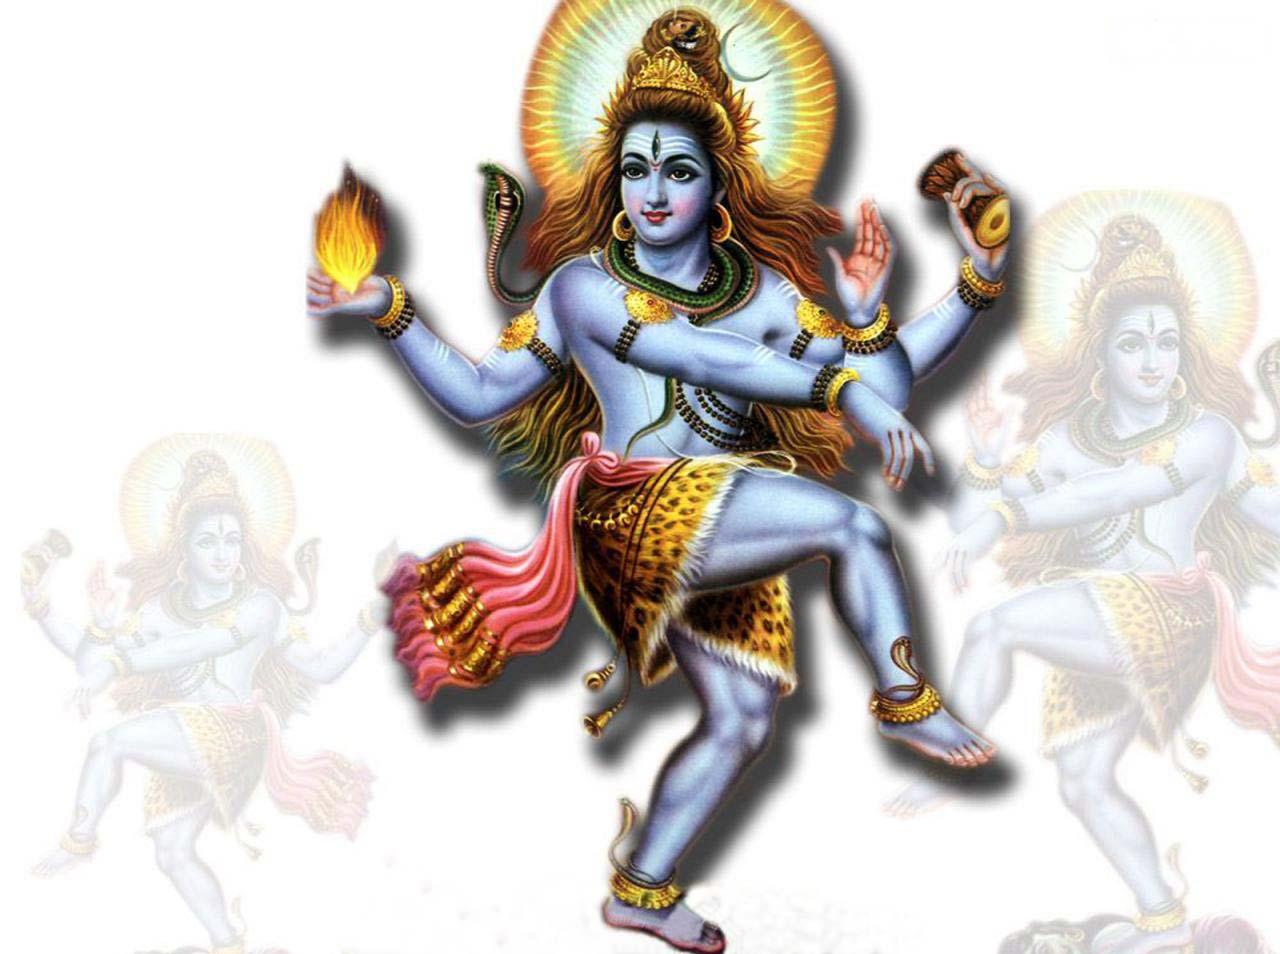 Devo Ke Dev Mahadev Wallpaper Hd Nice Shiv Images And Photos High Resolution